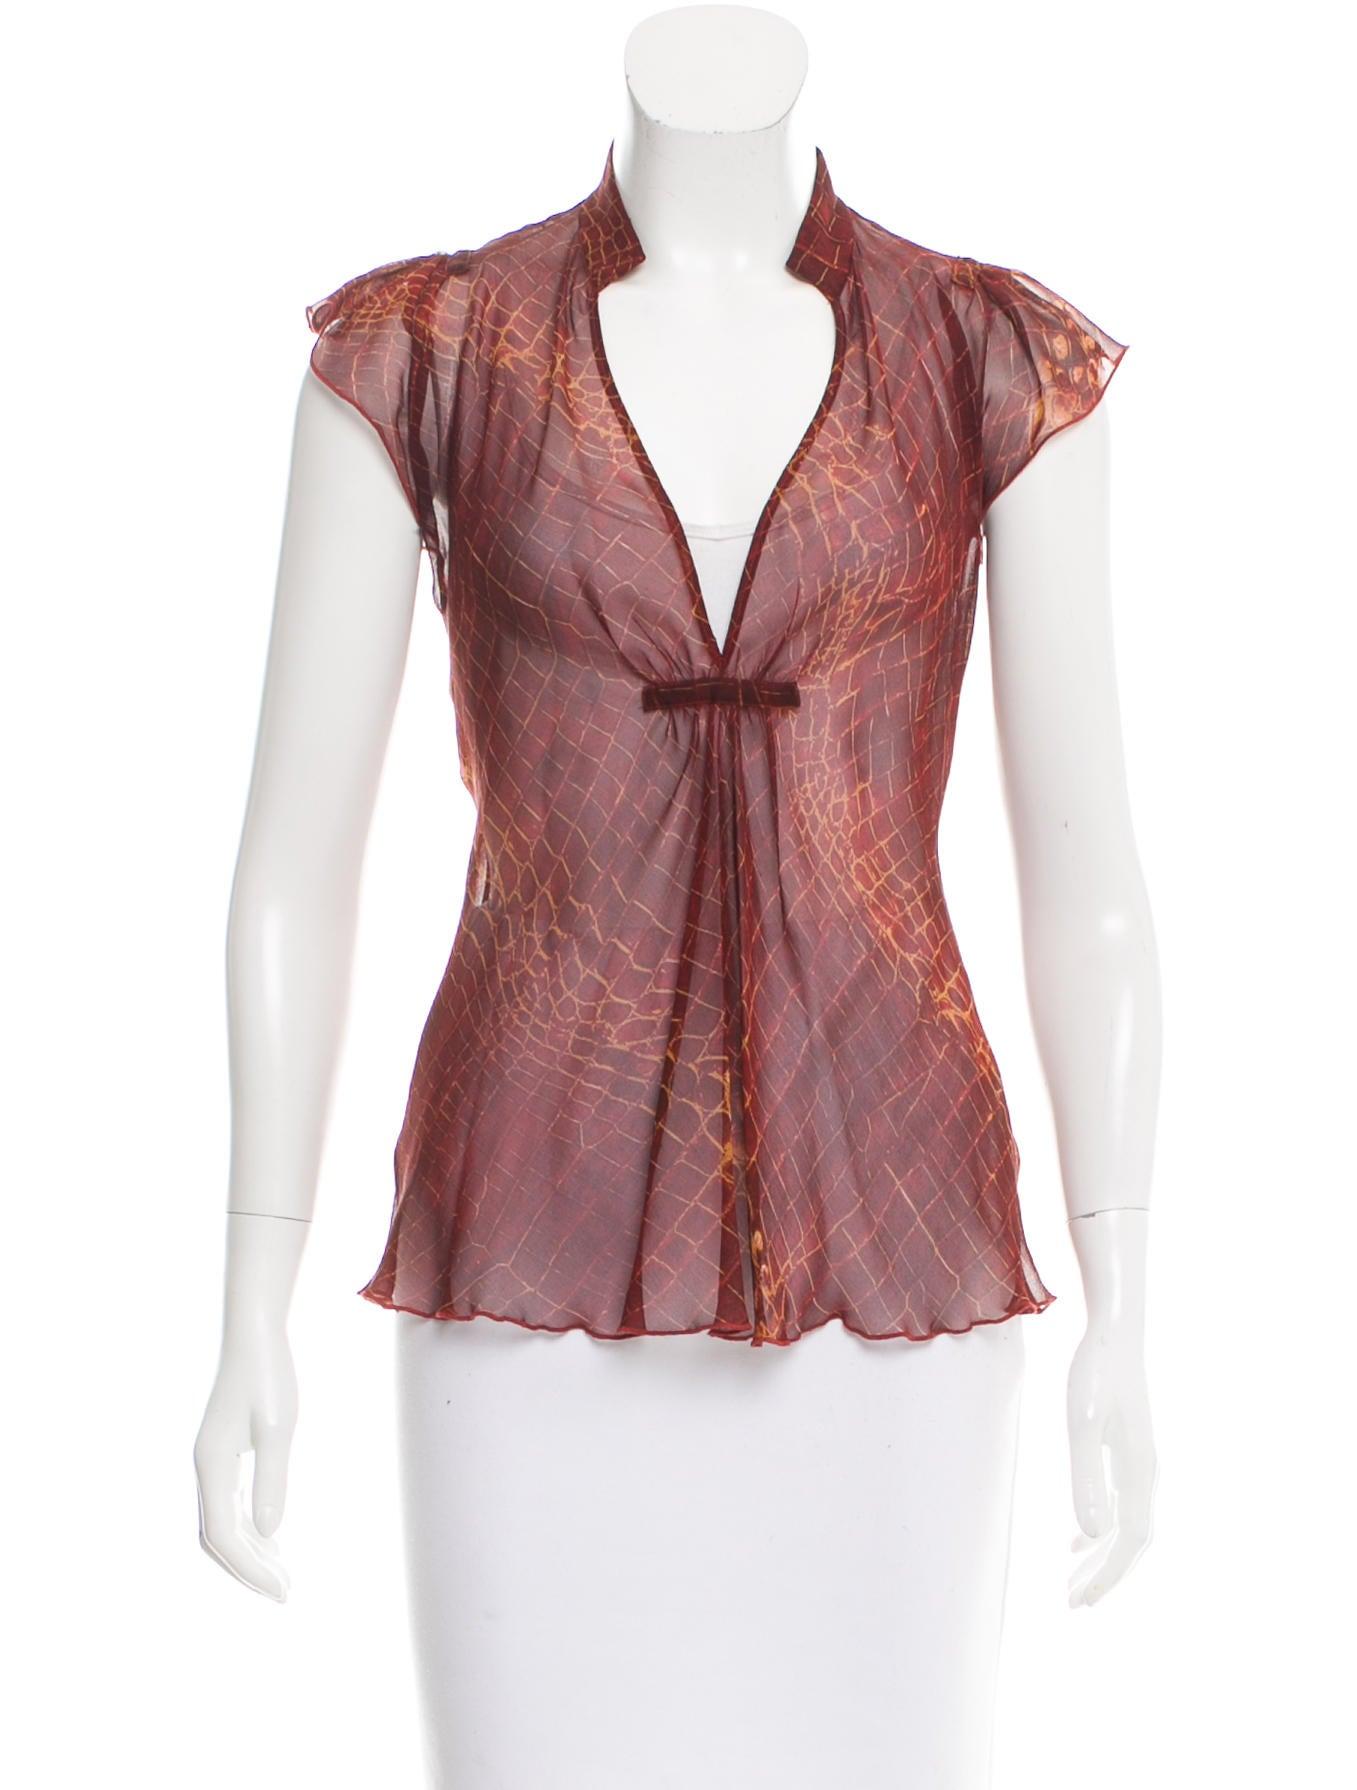 Diane von furstenberg silk sheer top clothing wdi92169 for Diane von furstenberg shirt